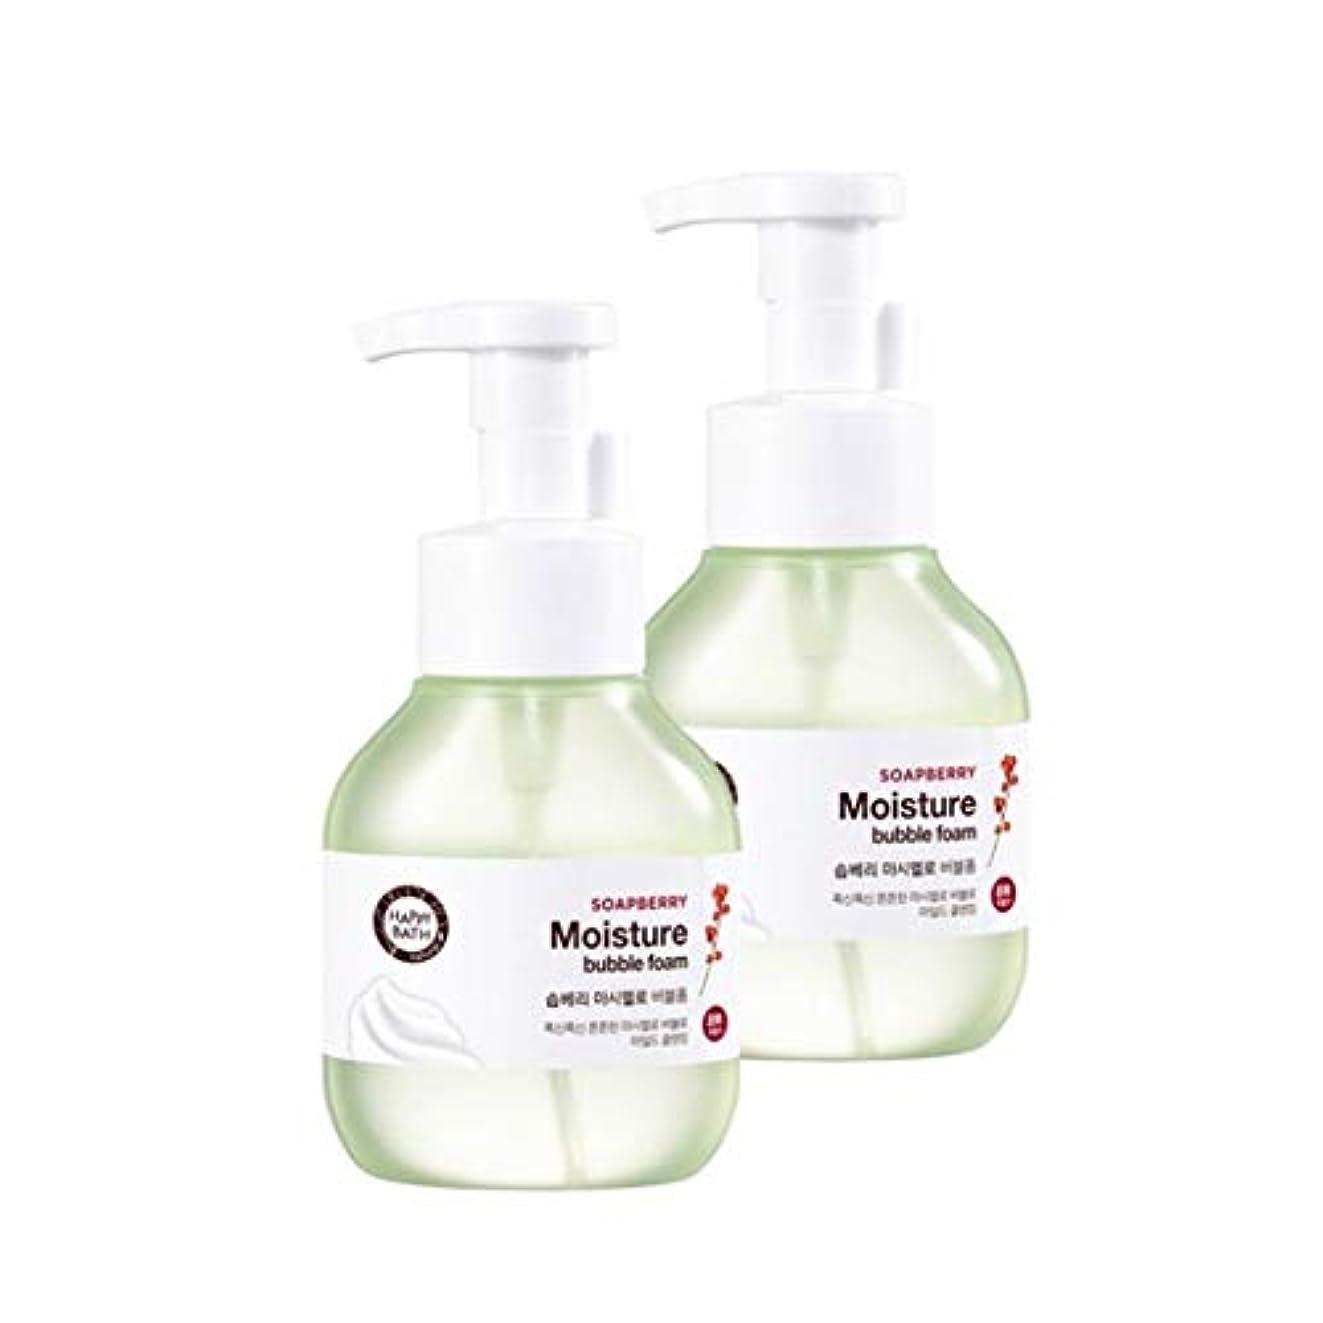 ジャニス殺人者買収ハッピーバスソープベリーマシュマロバブルフォーム300mlx2本セット韓国コスメ、Happy Bath Soapberry Moisture Bubble Foam 300ml x 2ea Set Korean Cosmetics...